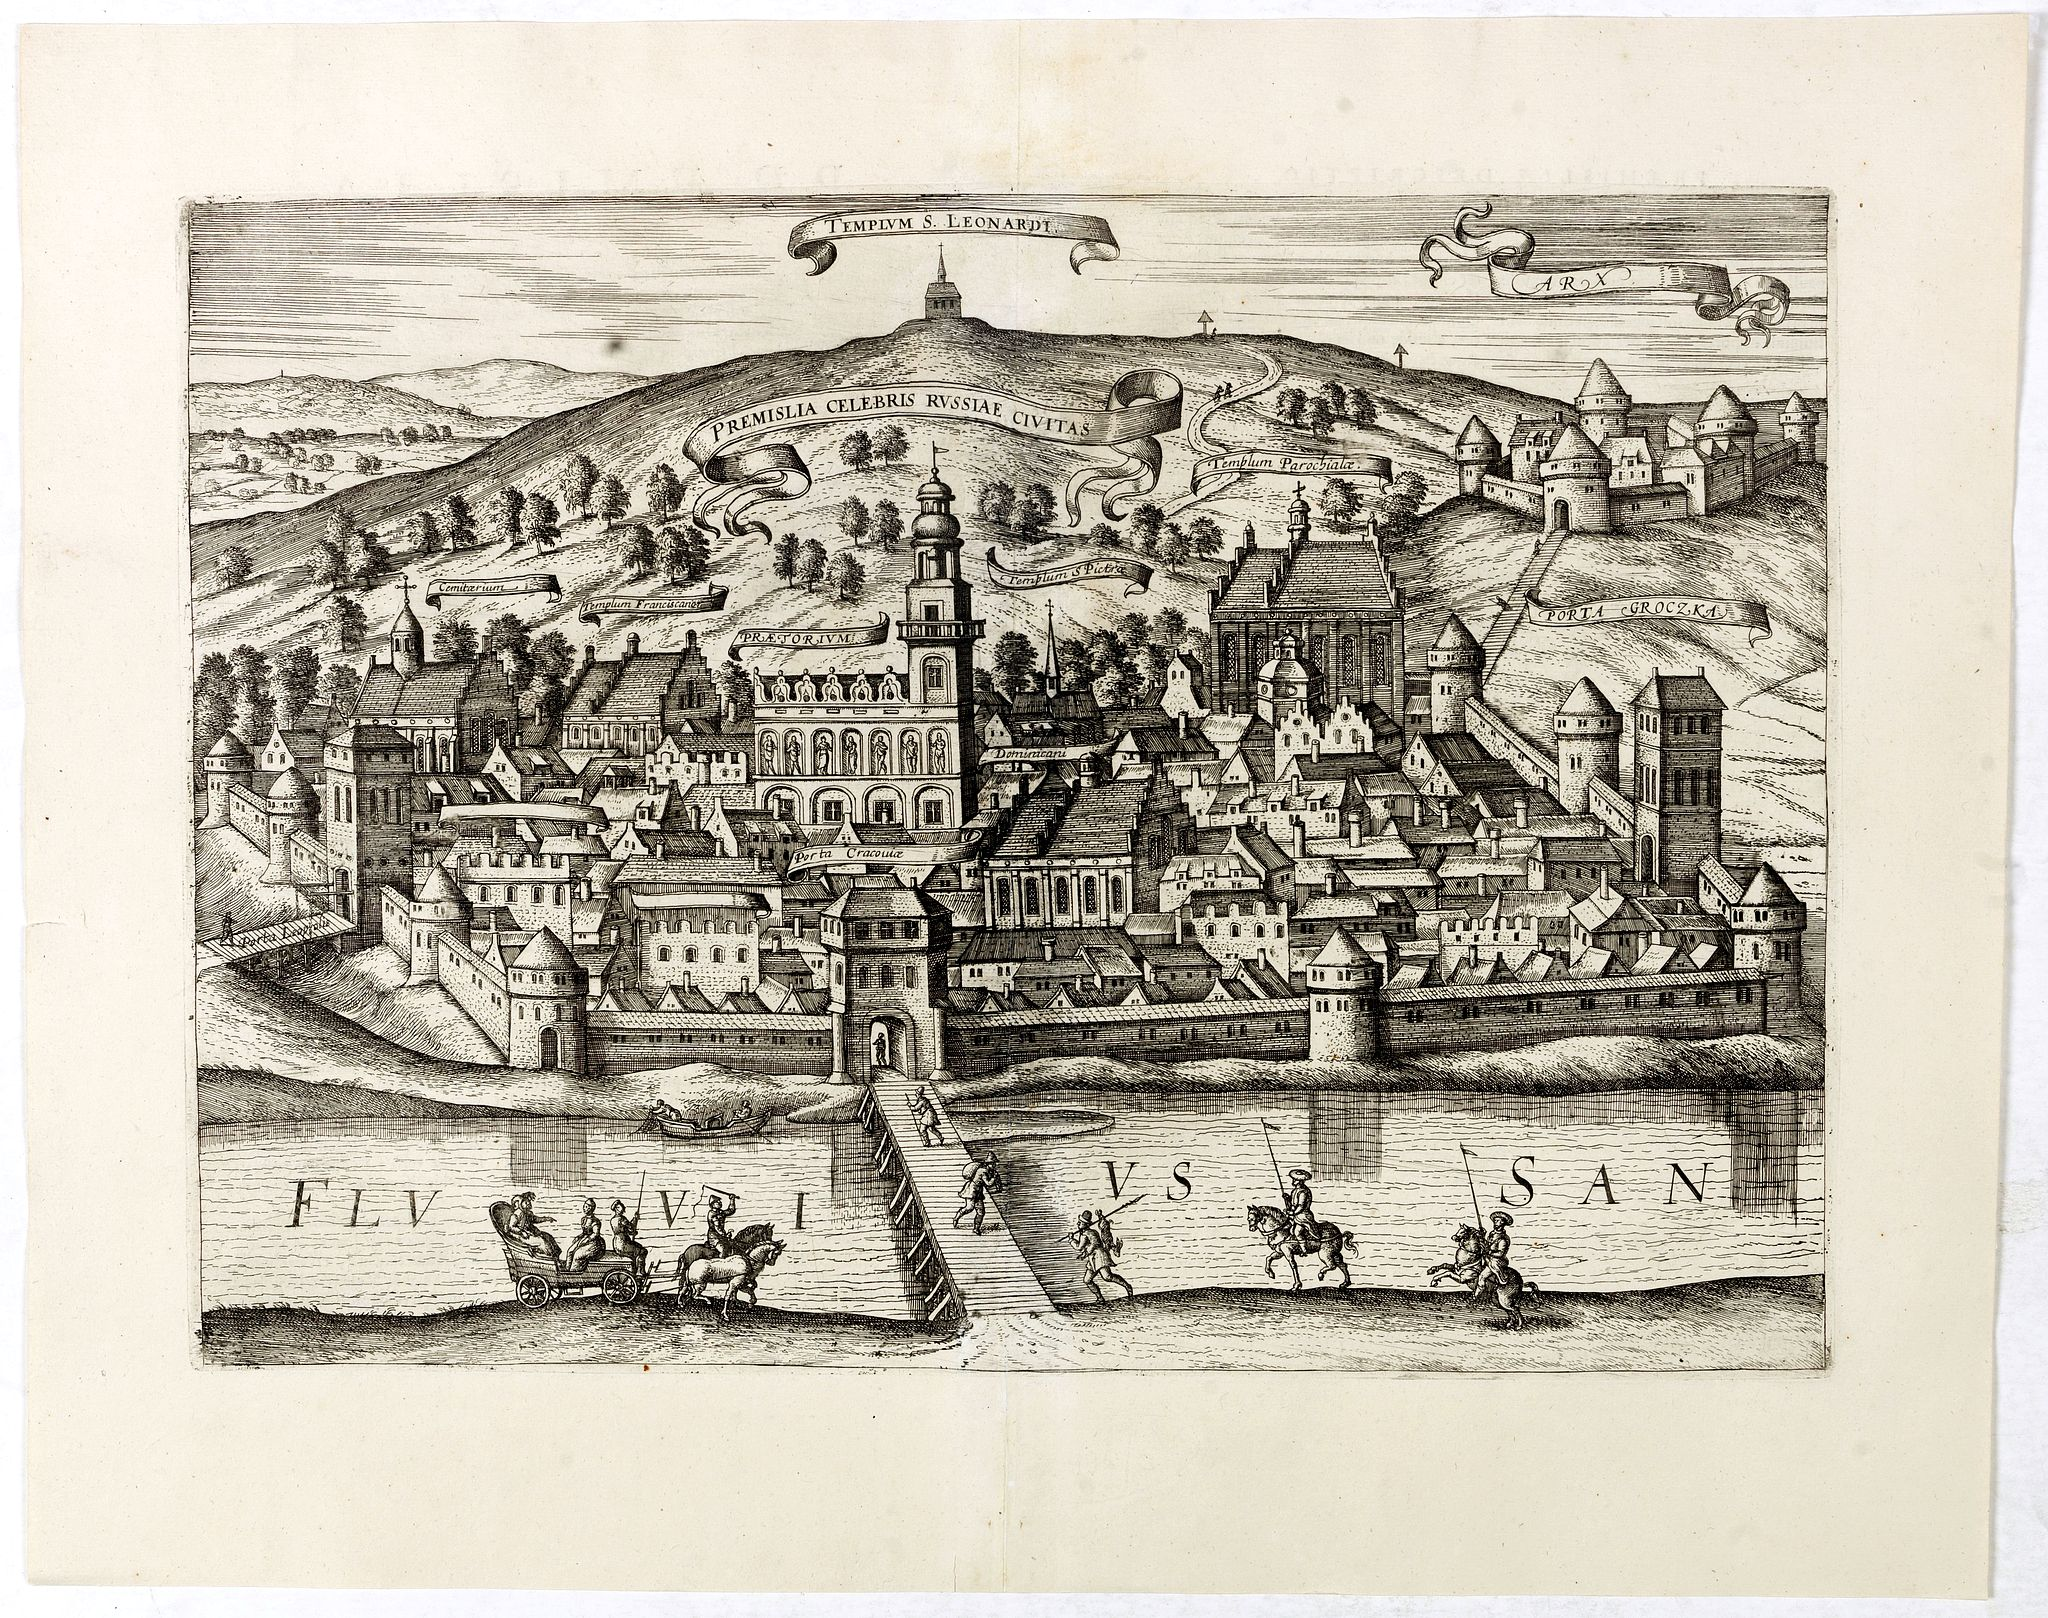 BRAUN,G. / HOGENBERG, F. / JANSSONIUS, J. -  Premislia celebris russiae civitas.